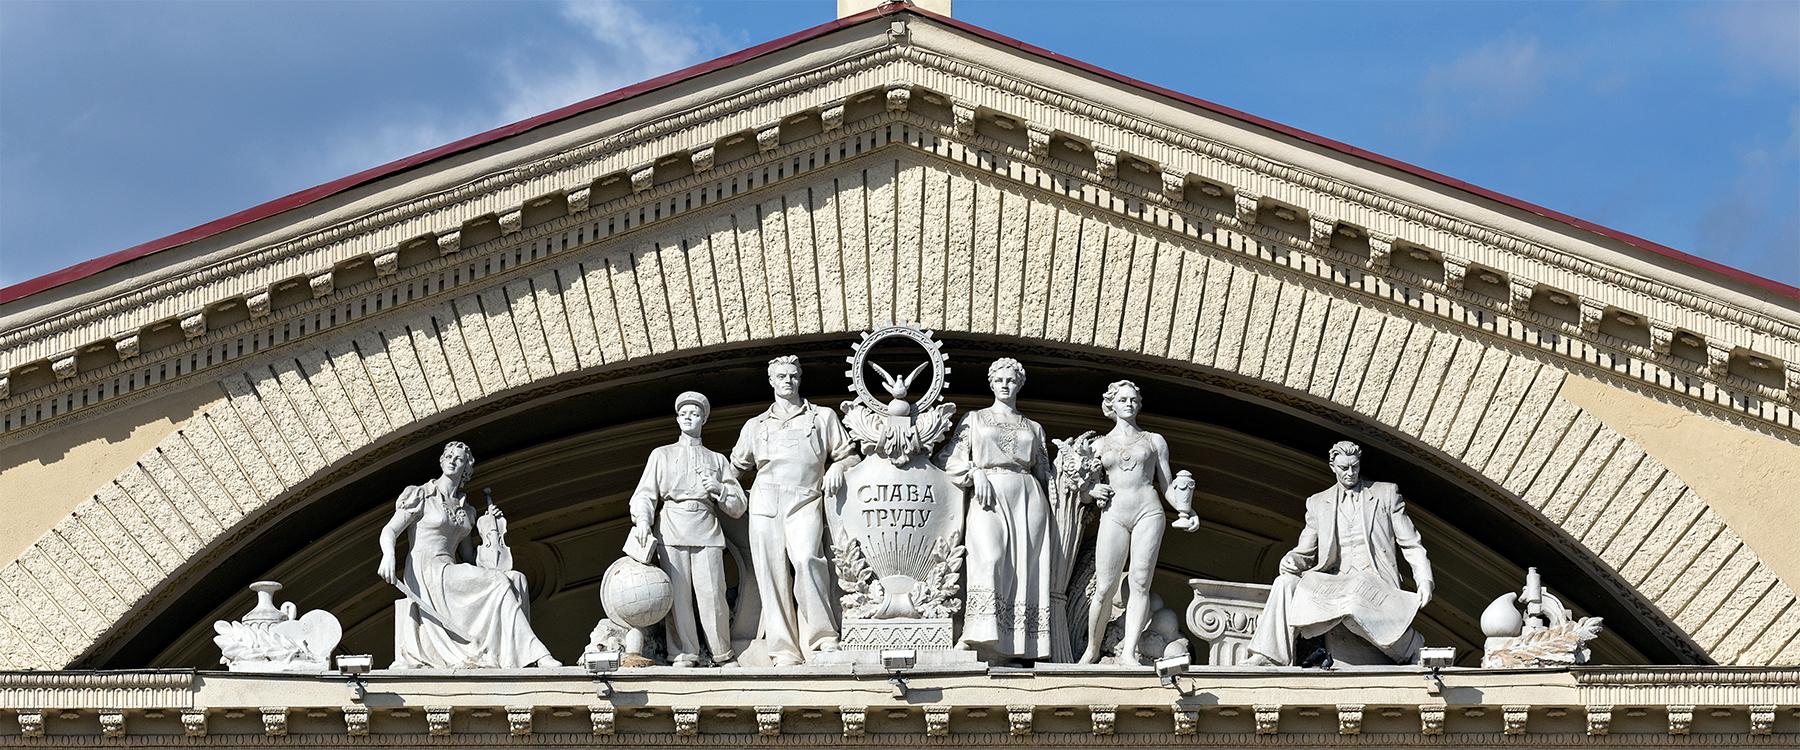 Giebelschmuck am Kulturpalast der Gewerkschaften in Minsk